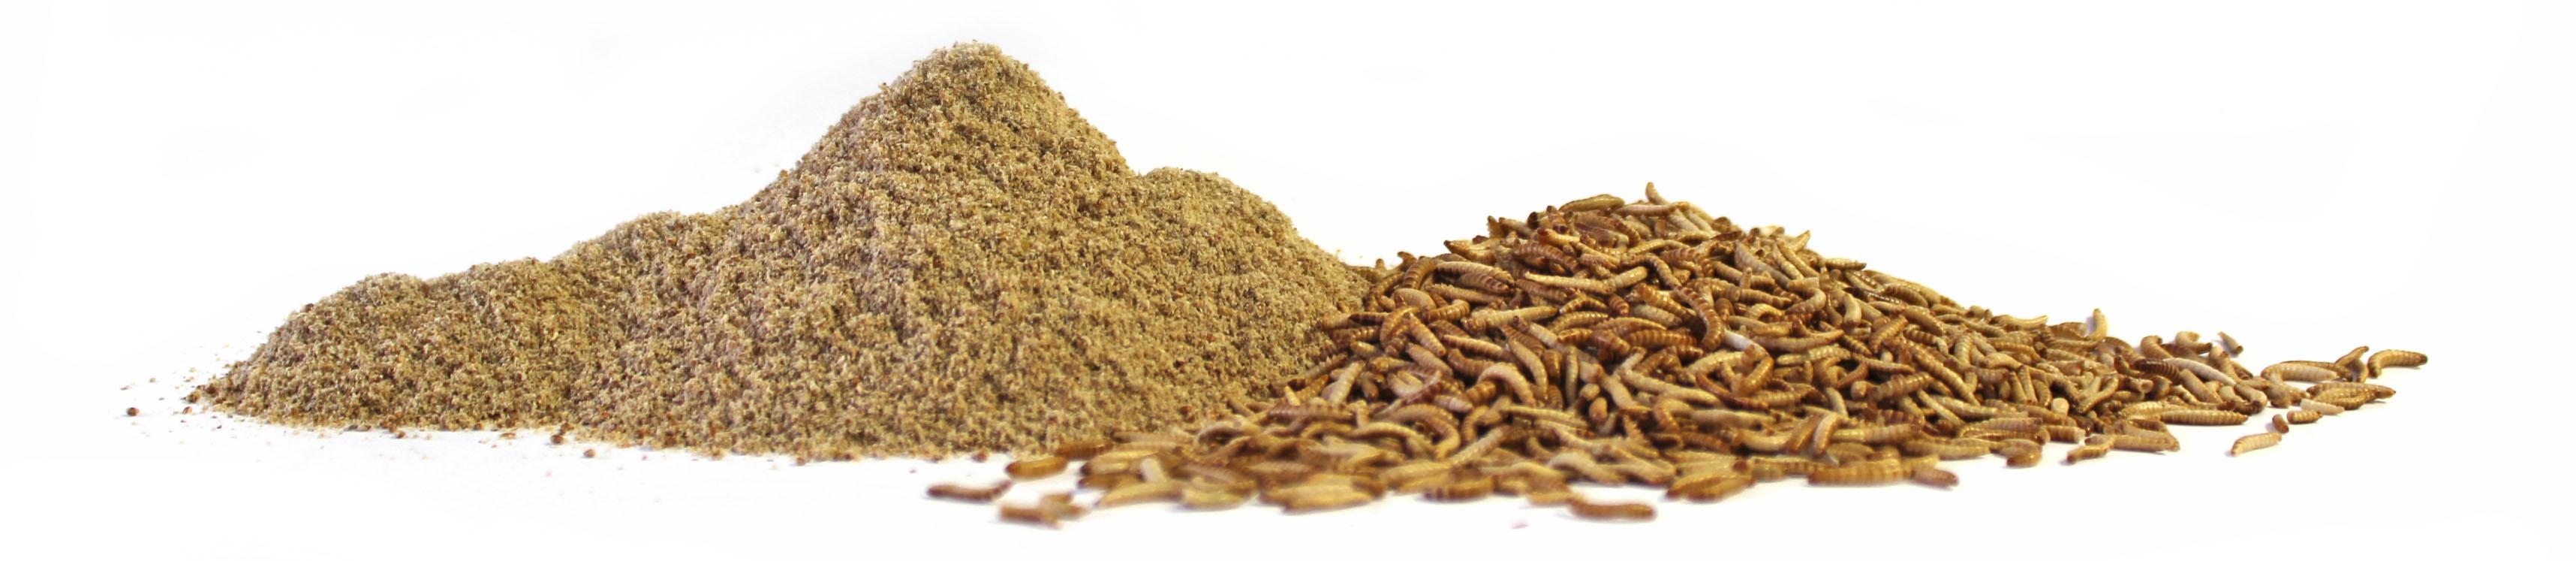 insekten mehl online kaufen insektenmehl insekten protein shop. Black Bedroom Furniture Sets. Home Design Ideas